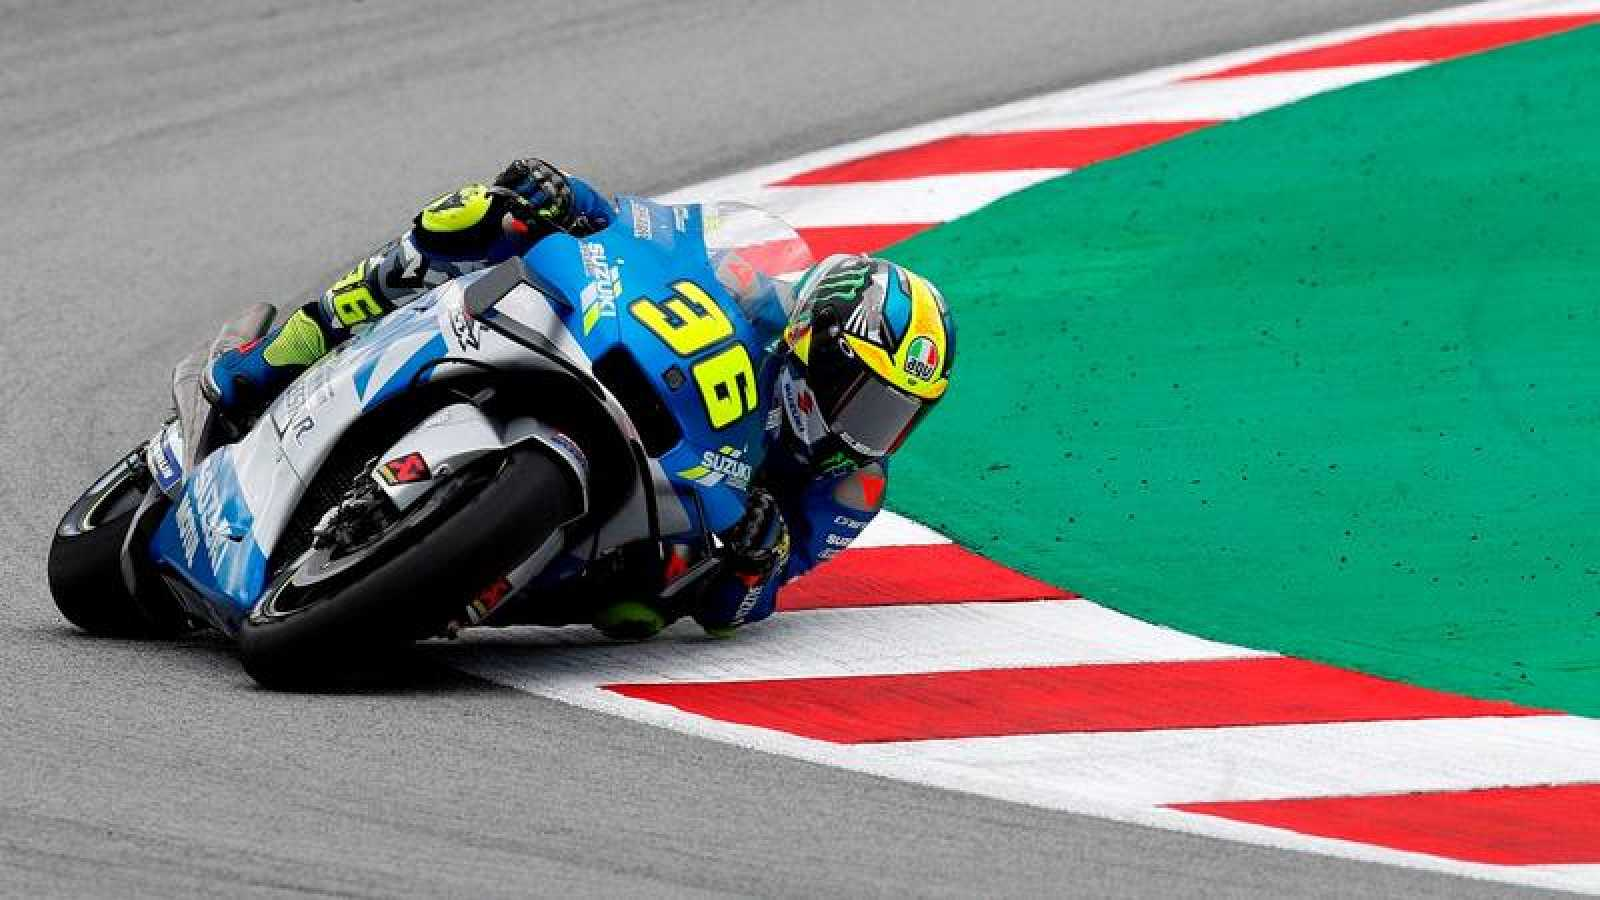 El piloto español de Suzuki Joan Mir durante el pasado GP de Cataluña del Mundial de MotoGP.